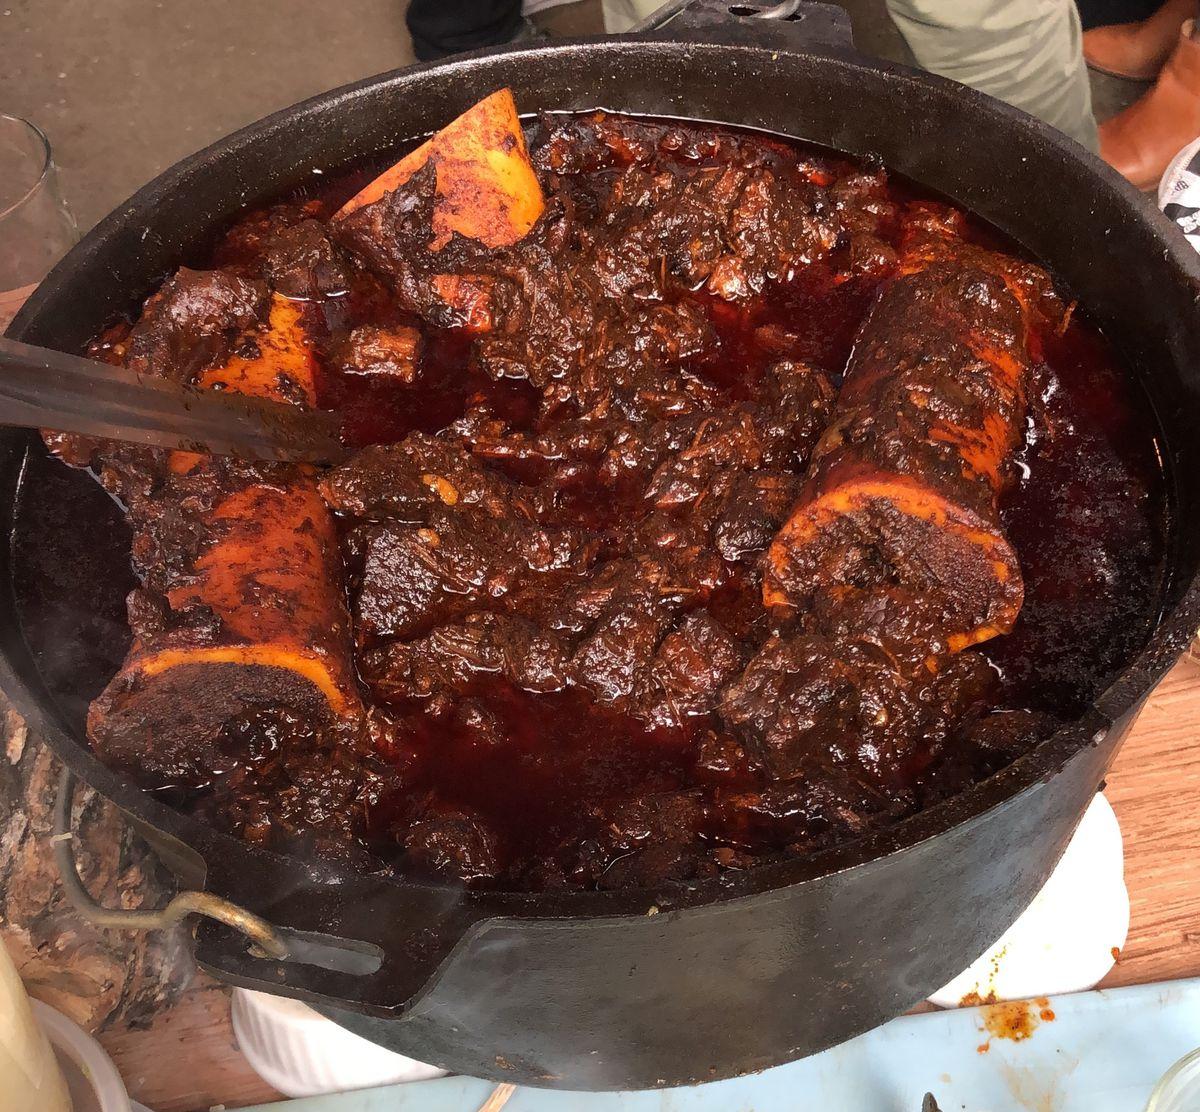 Texas chili at WesBurger